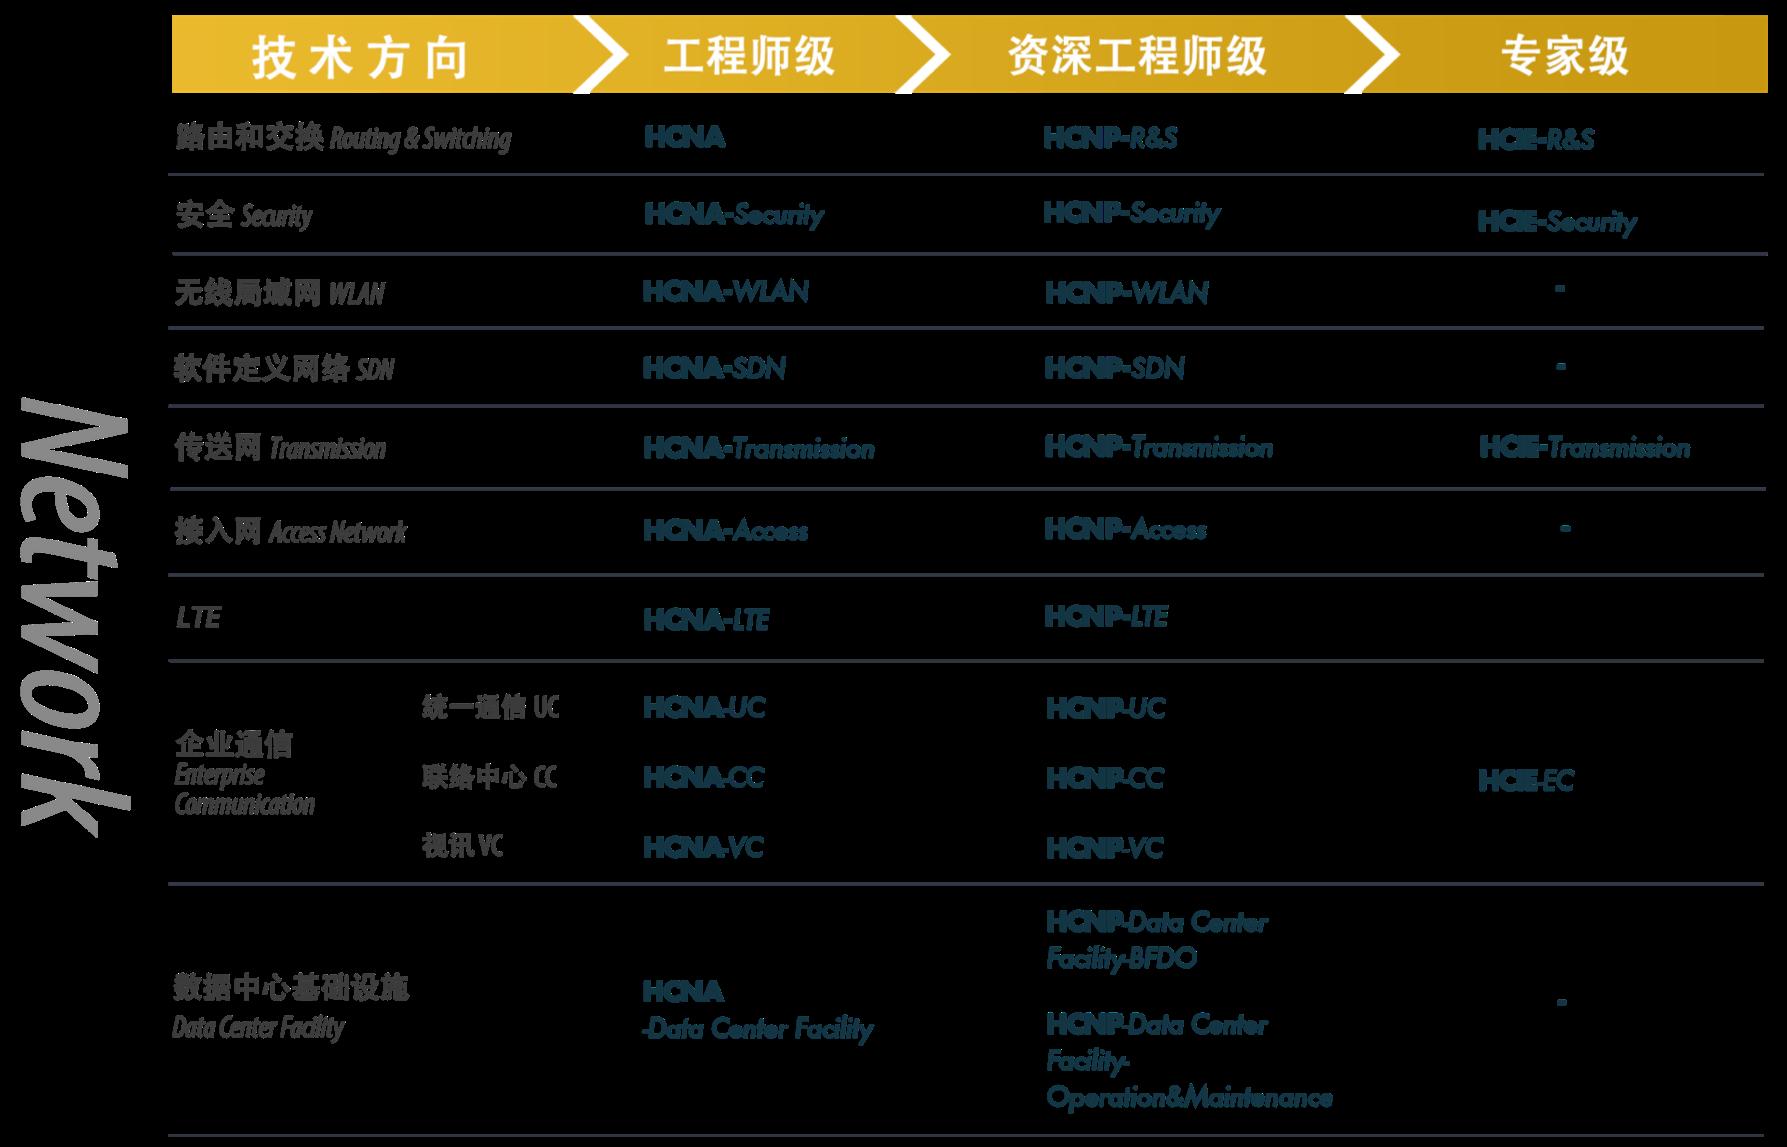 华为网络工程师认证方向详细介绍-1